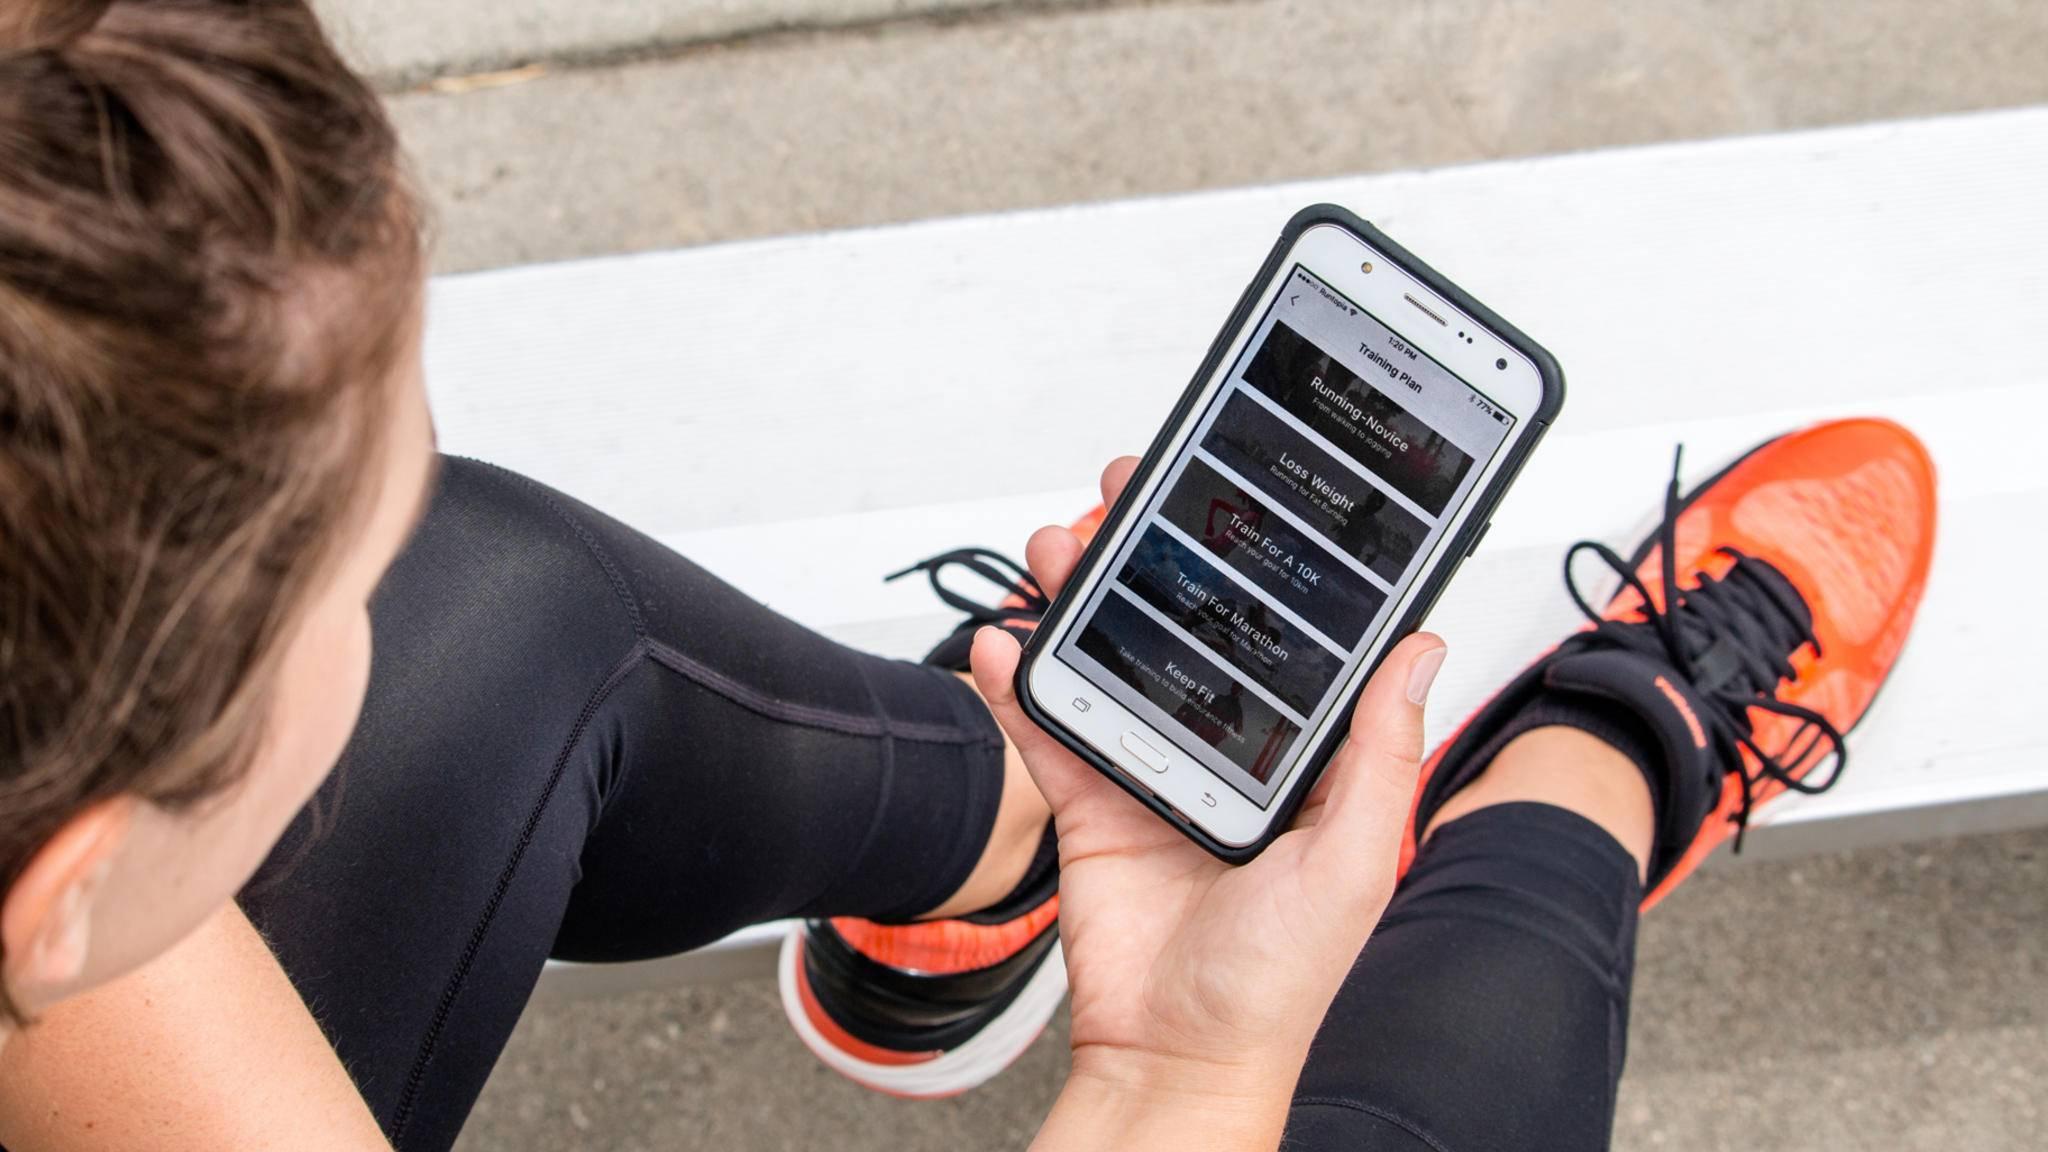 Sensoren im Schuh wie hier von Runtopia können wichtige Einblicke in das Lauftraining gewähren.